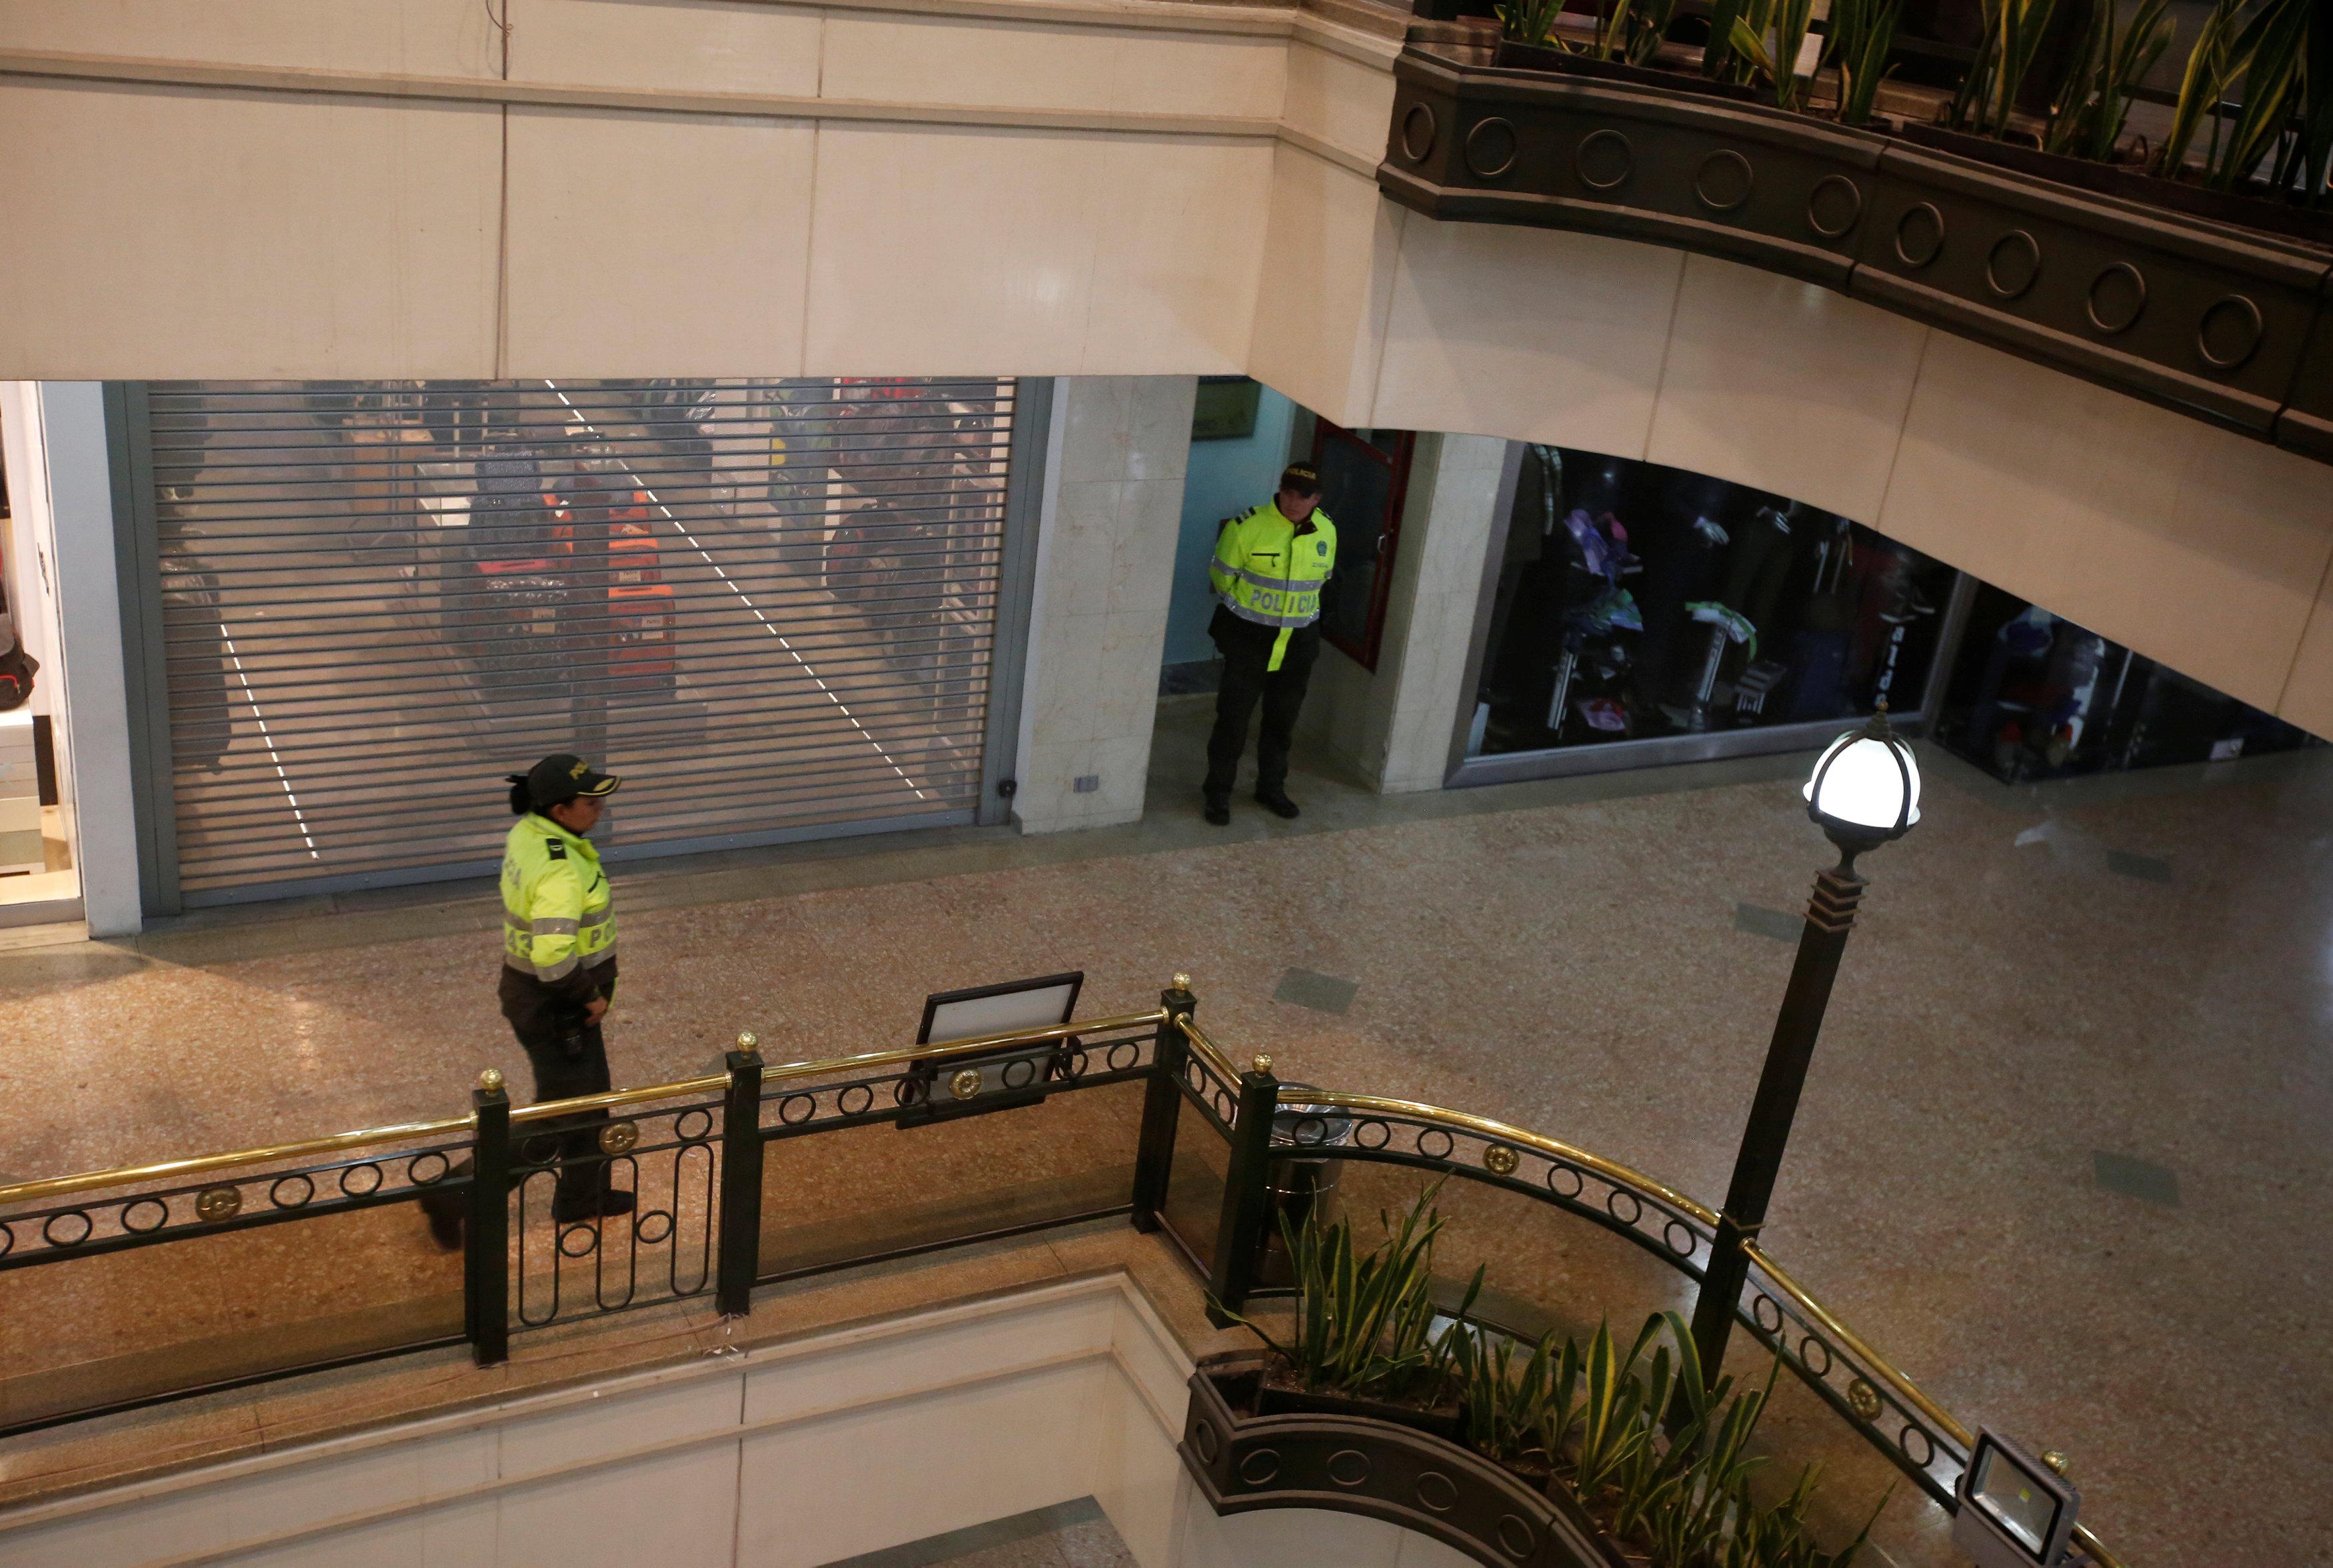 Agentes de policía son vistos dentro del centro comercial Andino después de que un artefacto explosivo detonó en un baño, en Bogotá, Colombia, 17 de junio de 2017. REUTERS / Jaime Saldarriaga